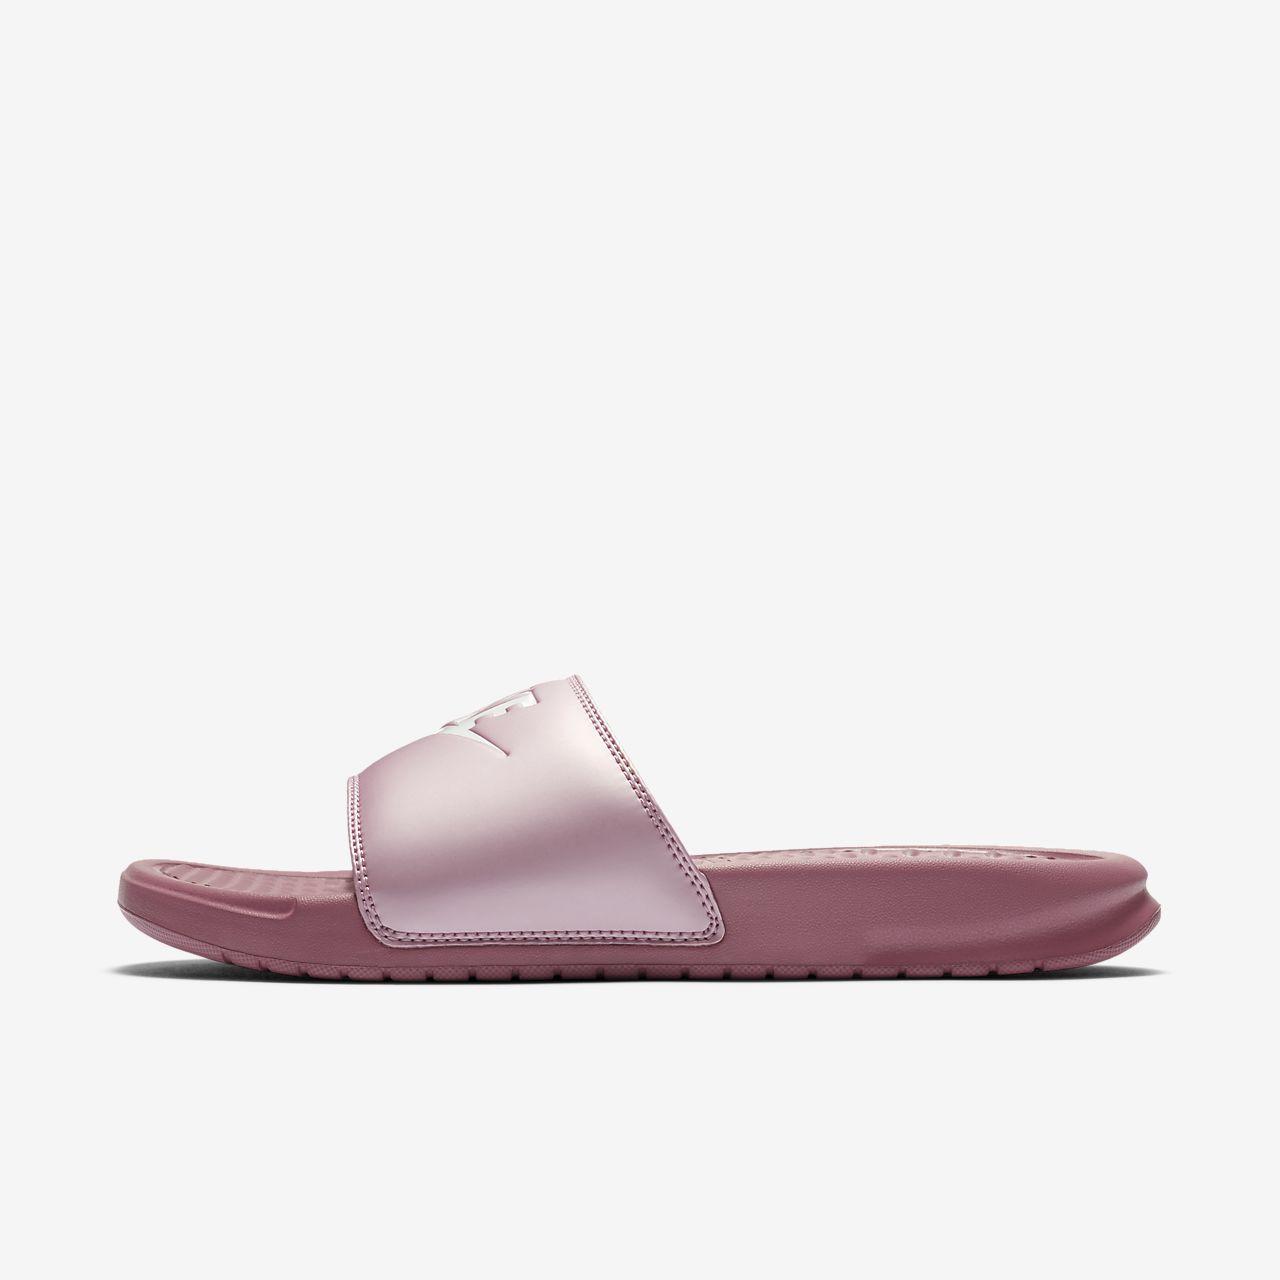 Nike Benassi badesandal til kvinder